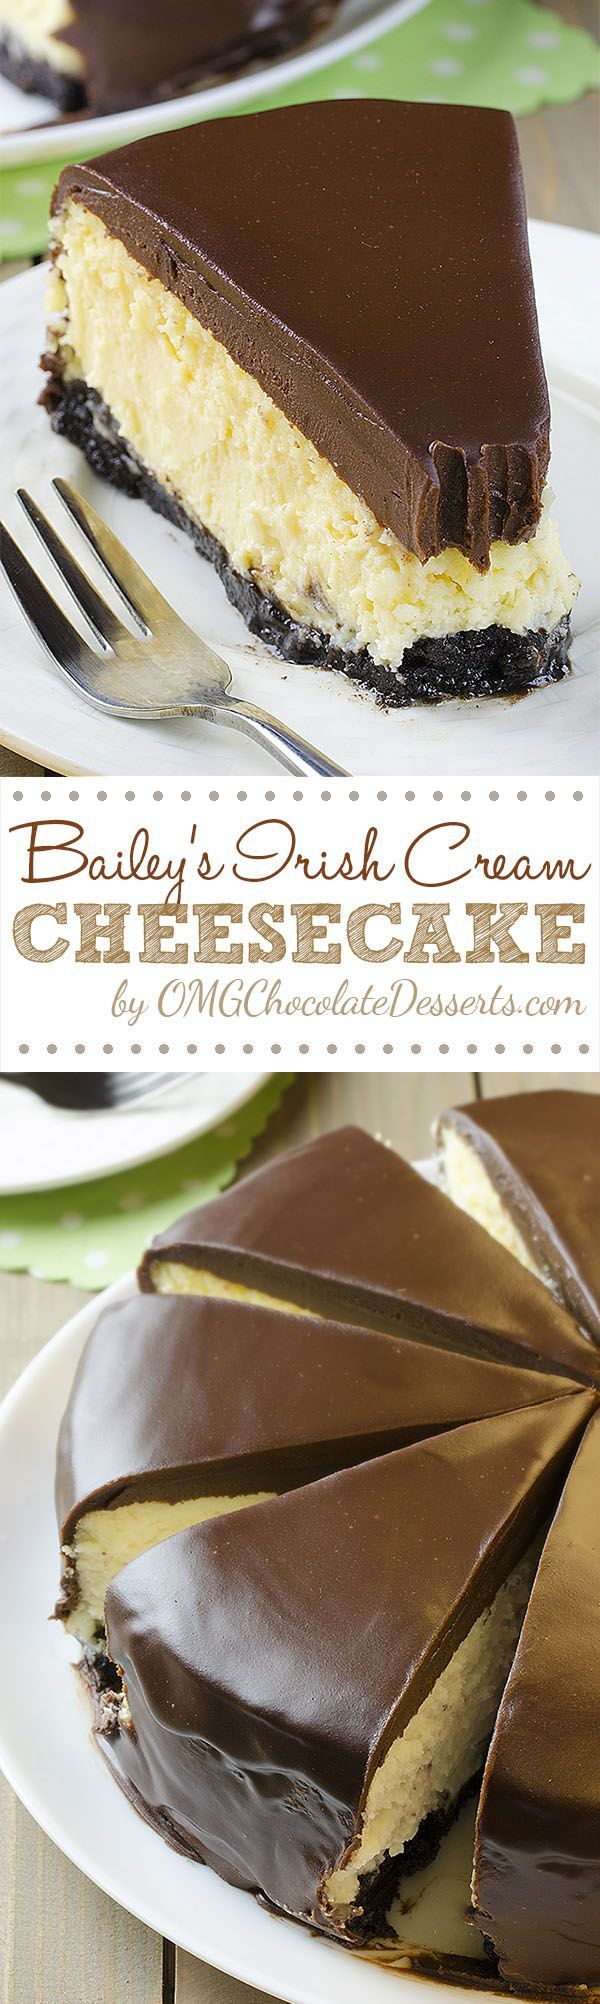 Great Bailey's Irish Cream Cheesecake - Chocolate Desserts OMG, ,